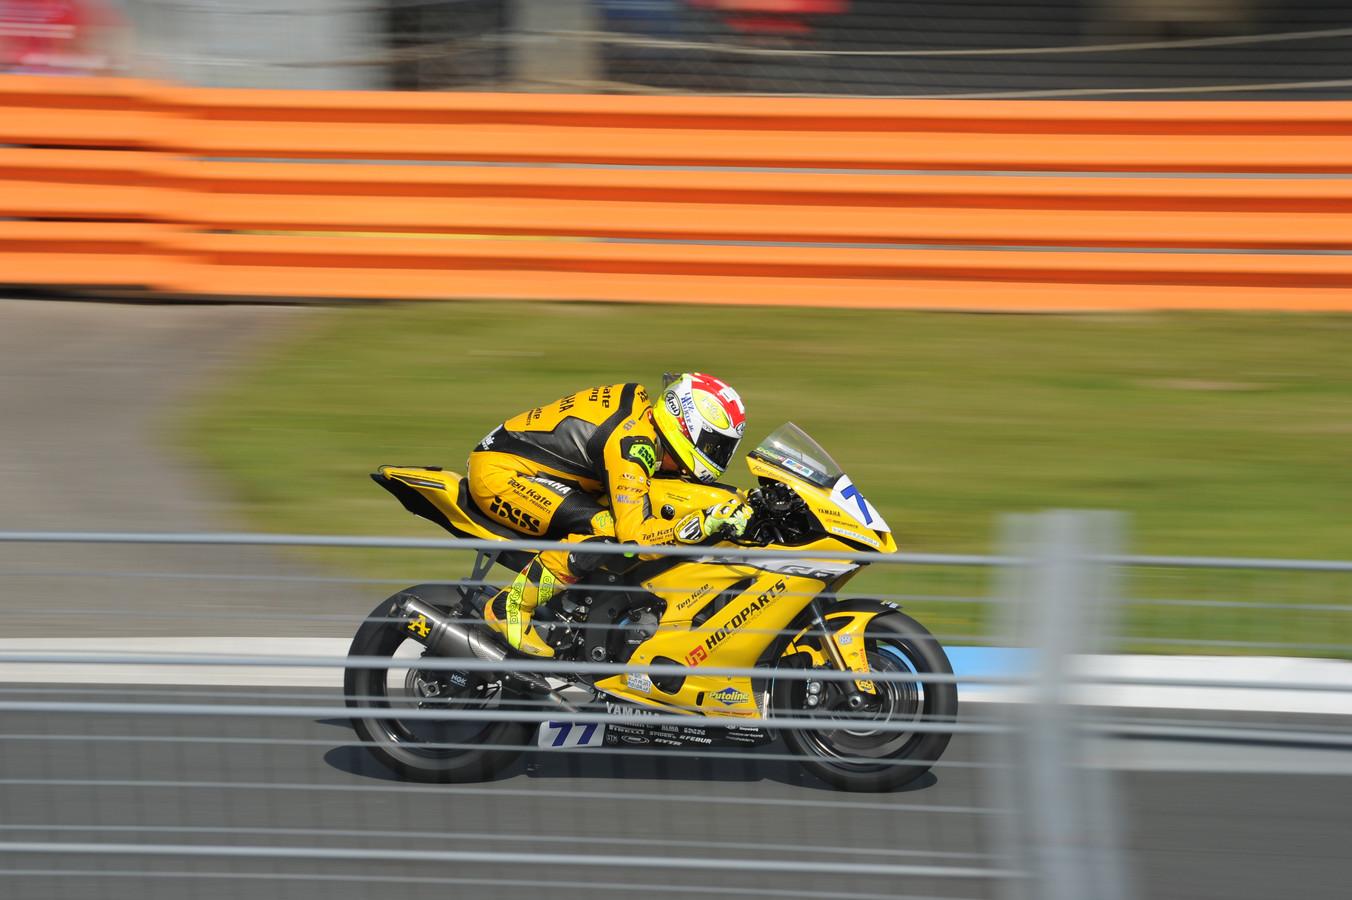 Dominique Aegerter was dit weekeinde niet te stuiten in de Supersport-races. De Zwitser uit het Ten Kate-team is na vijf zeges op rij afgetekend leider in het wereldkampioenschap.